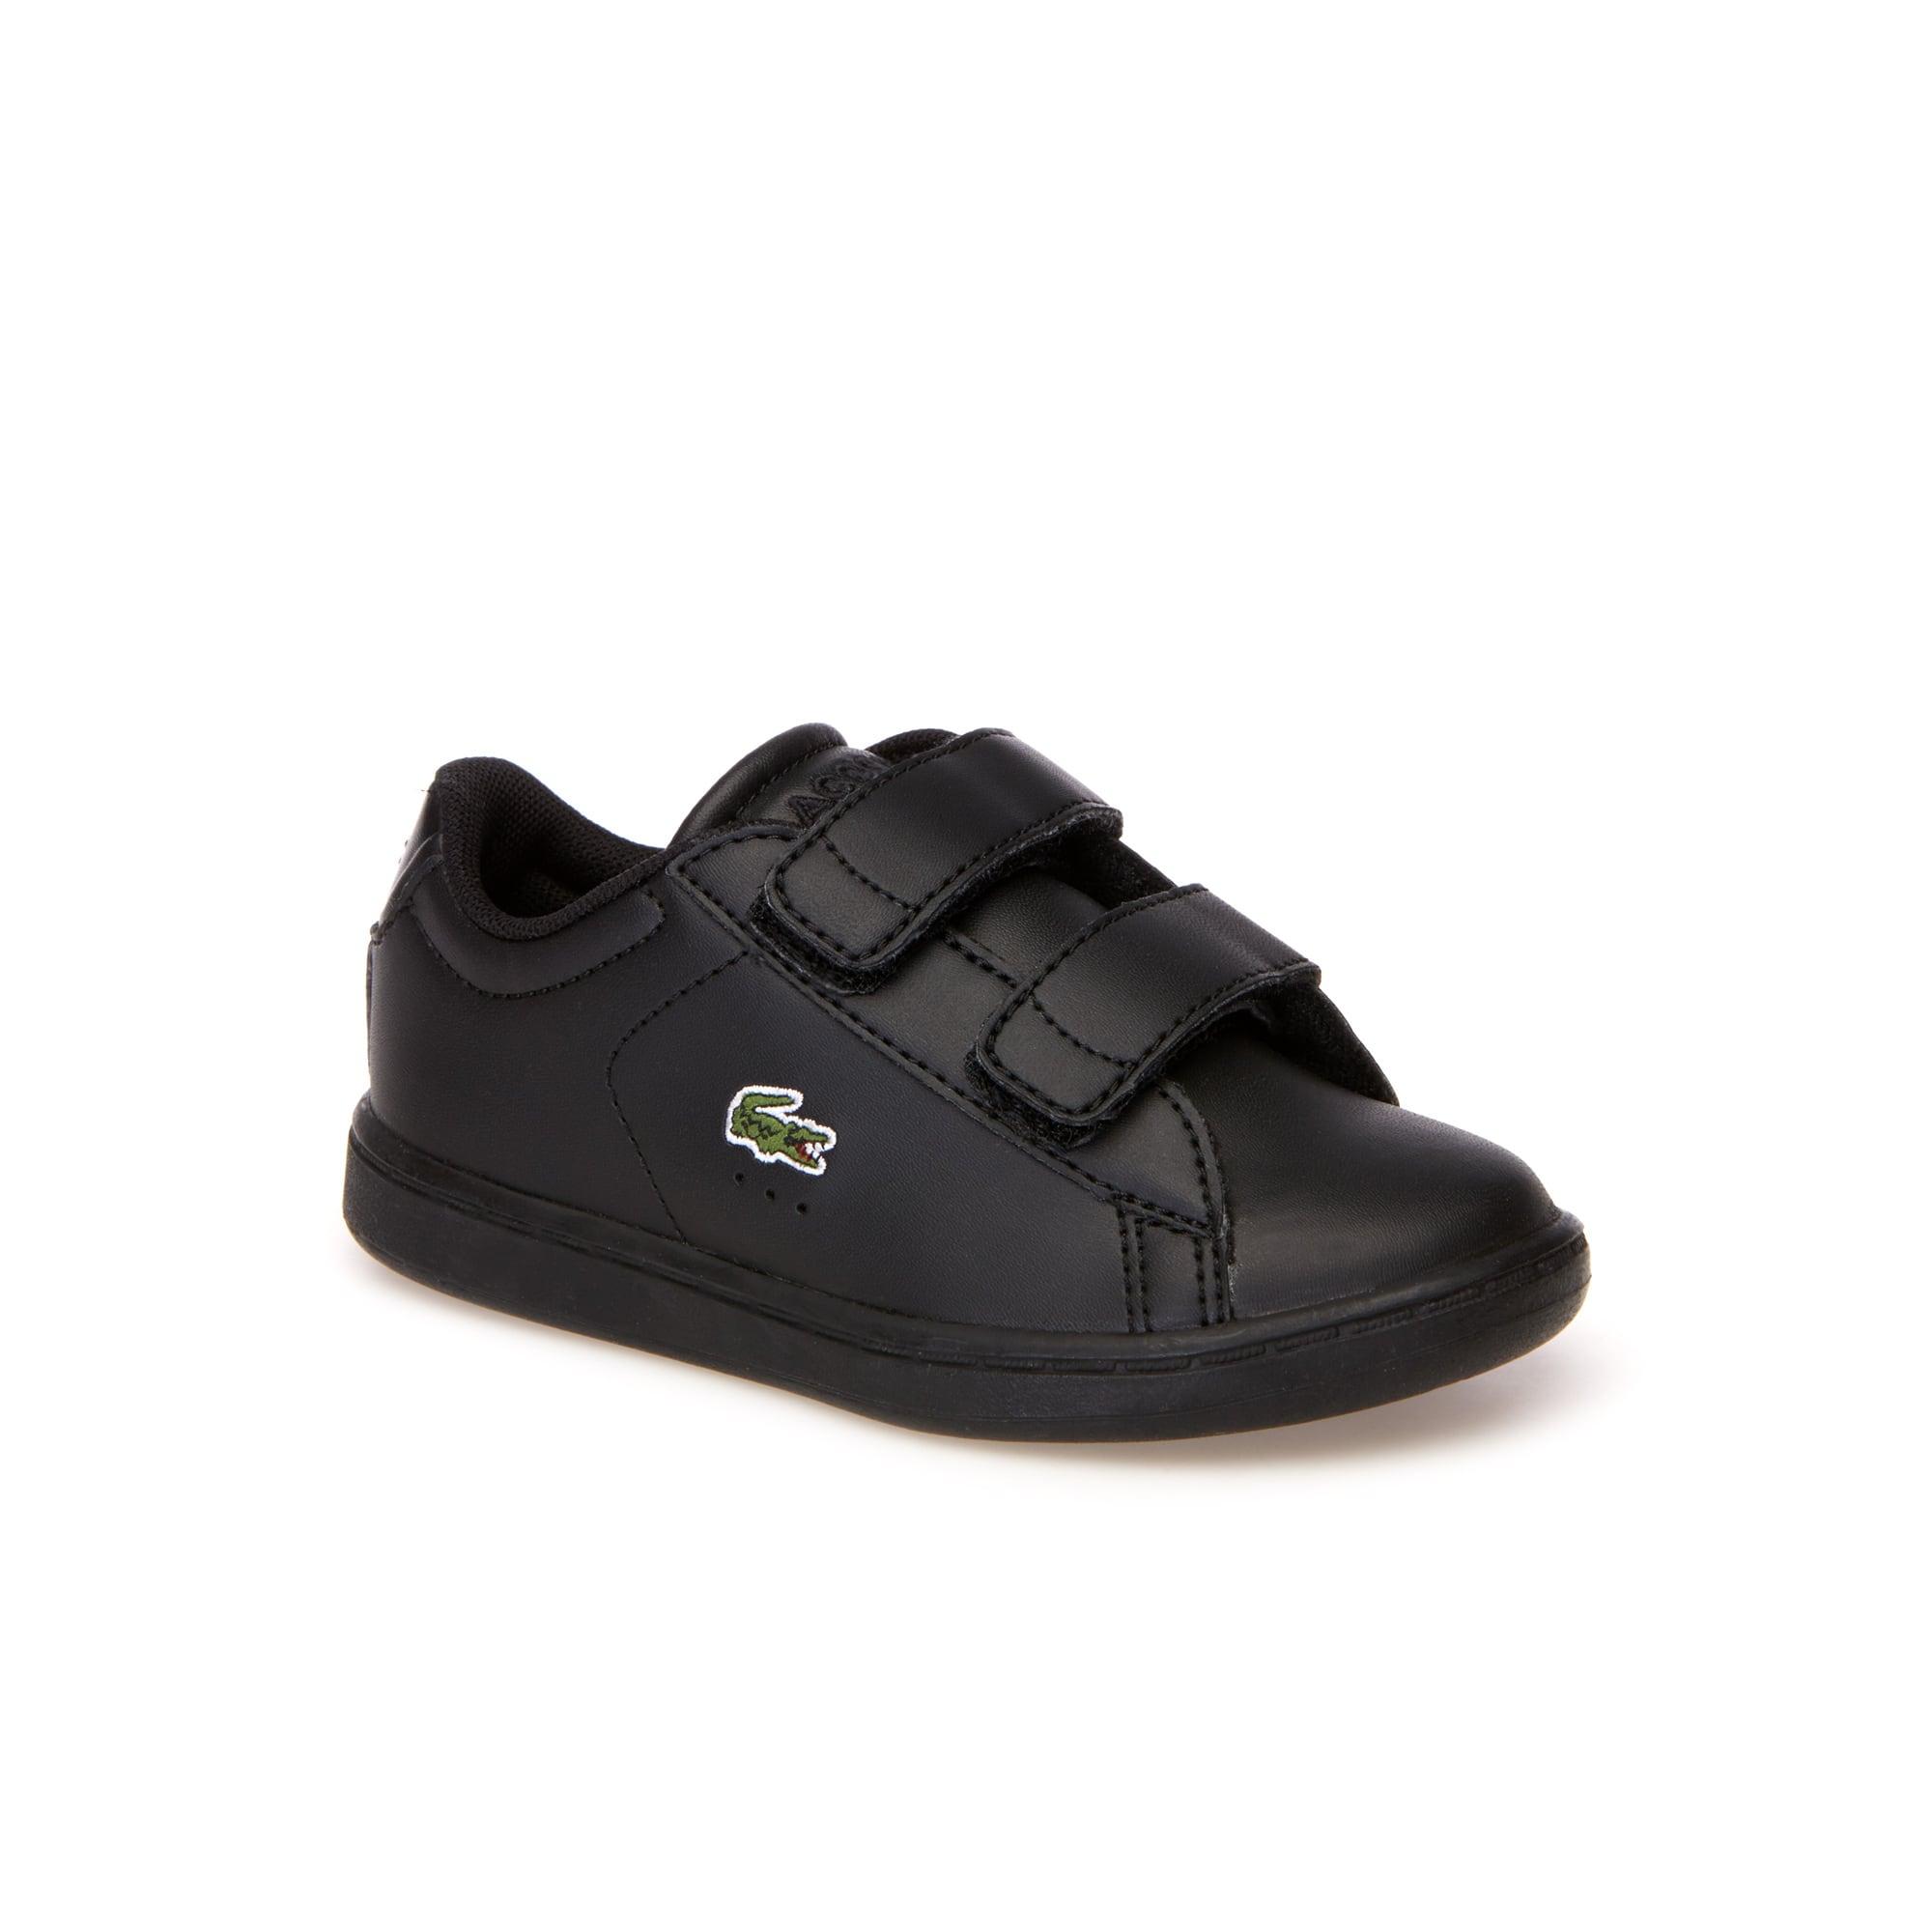 Kinder-Sneakers CARNABY EVO in Leder-Optik